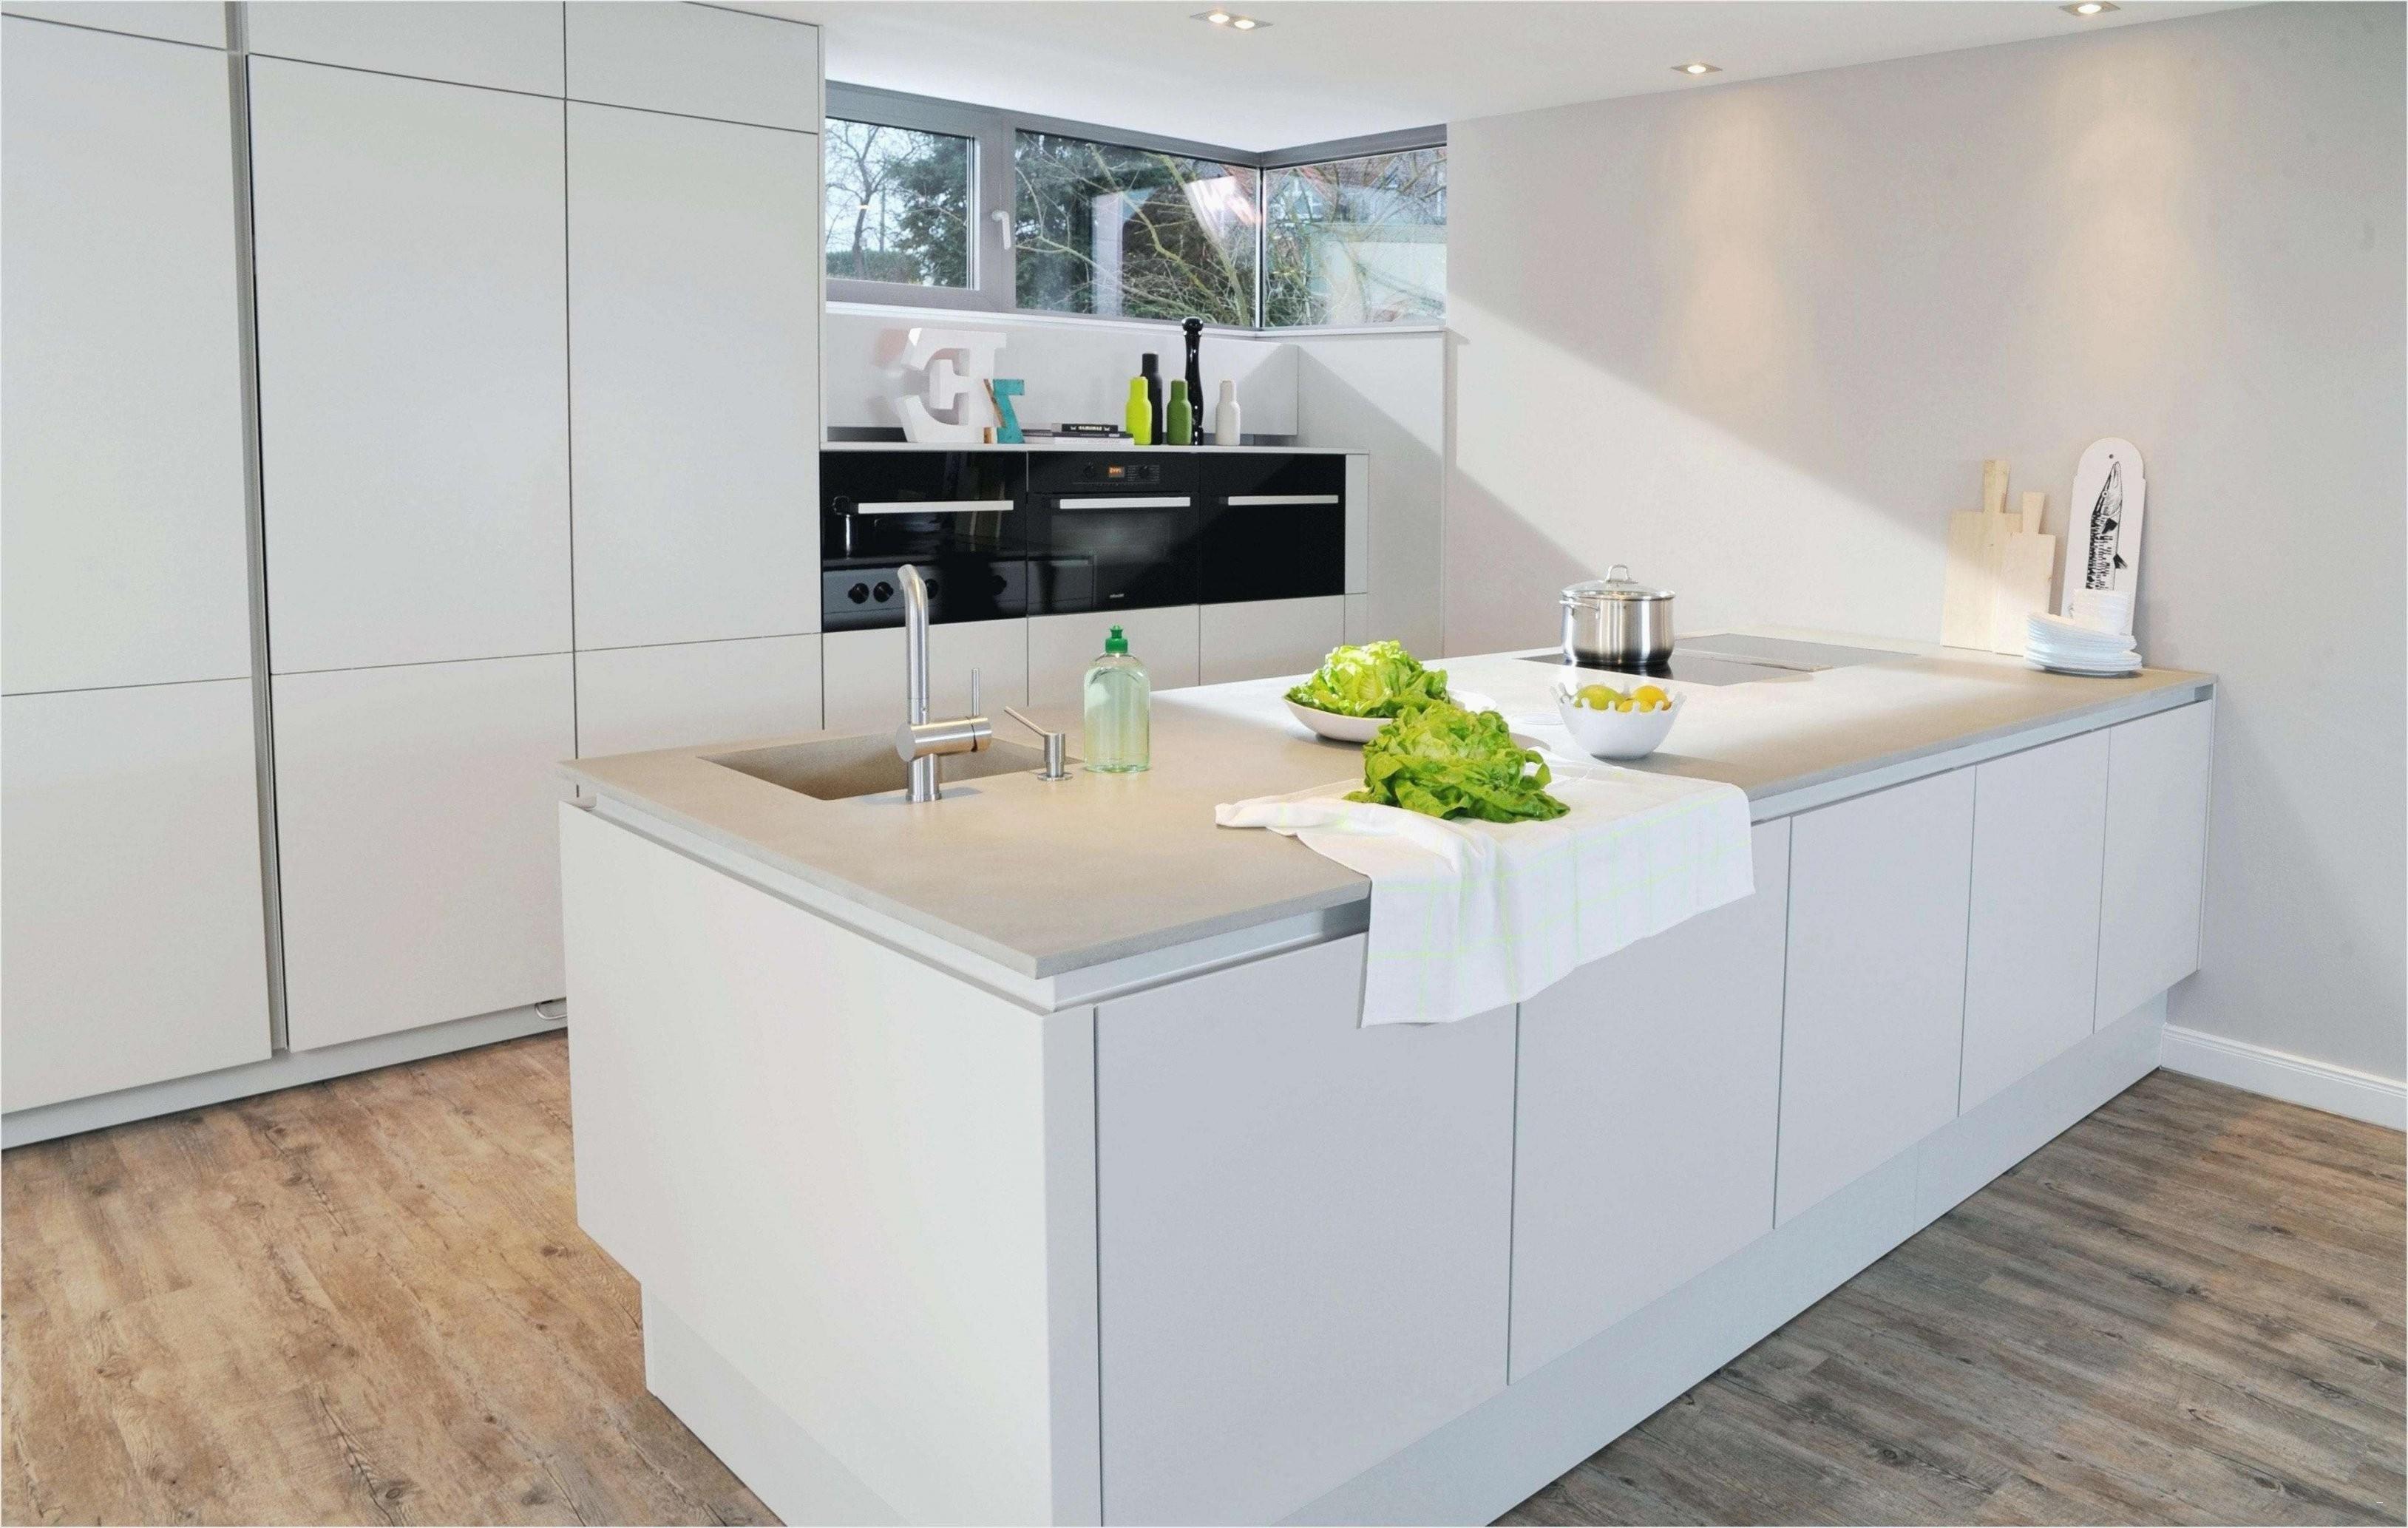 32 Mülleimer Küche Ikea Modelle  Küchendesignideen von Mülleimer Küche Design Photo